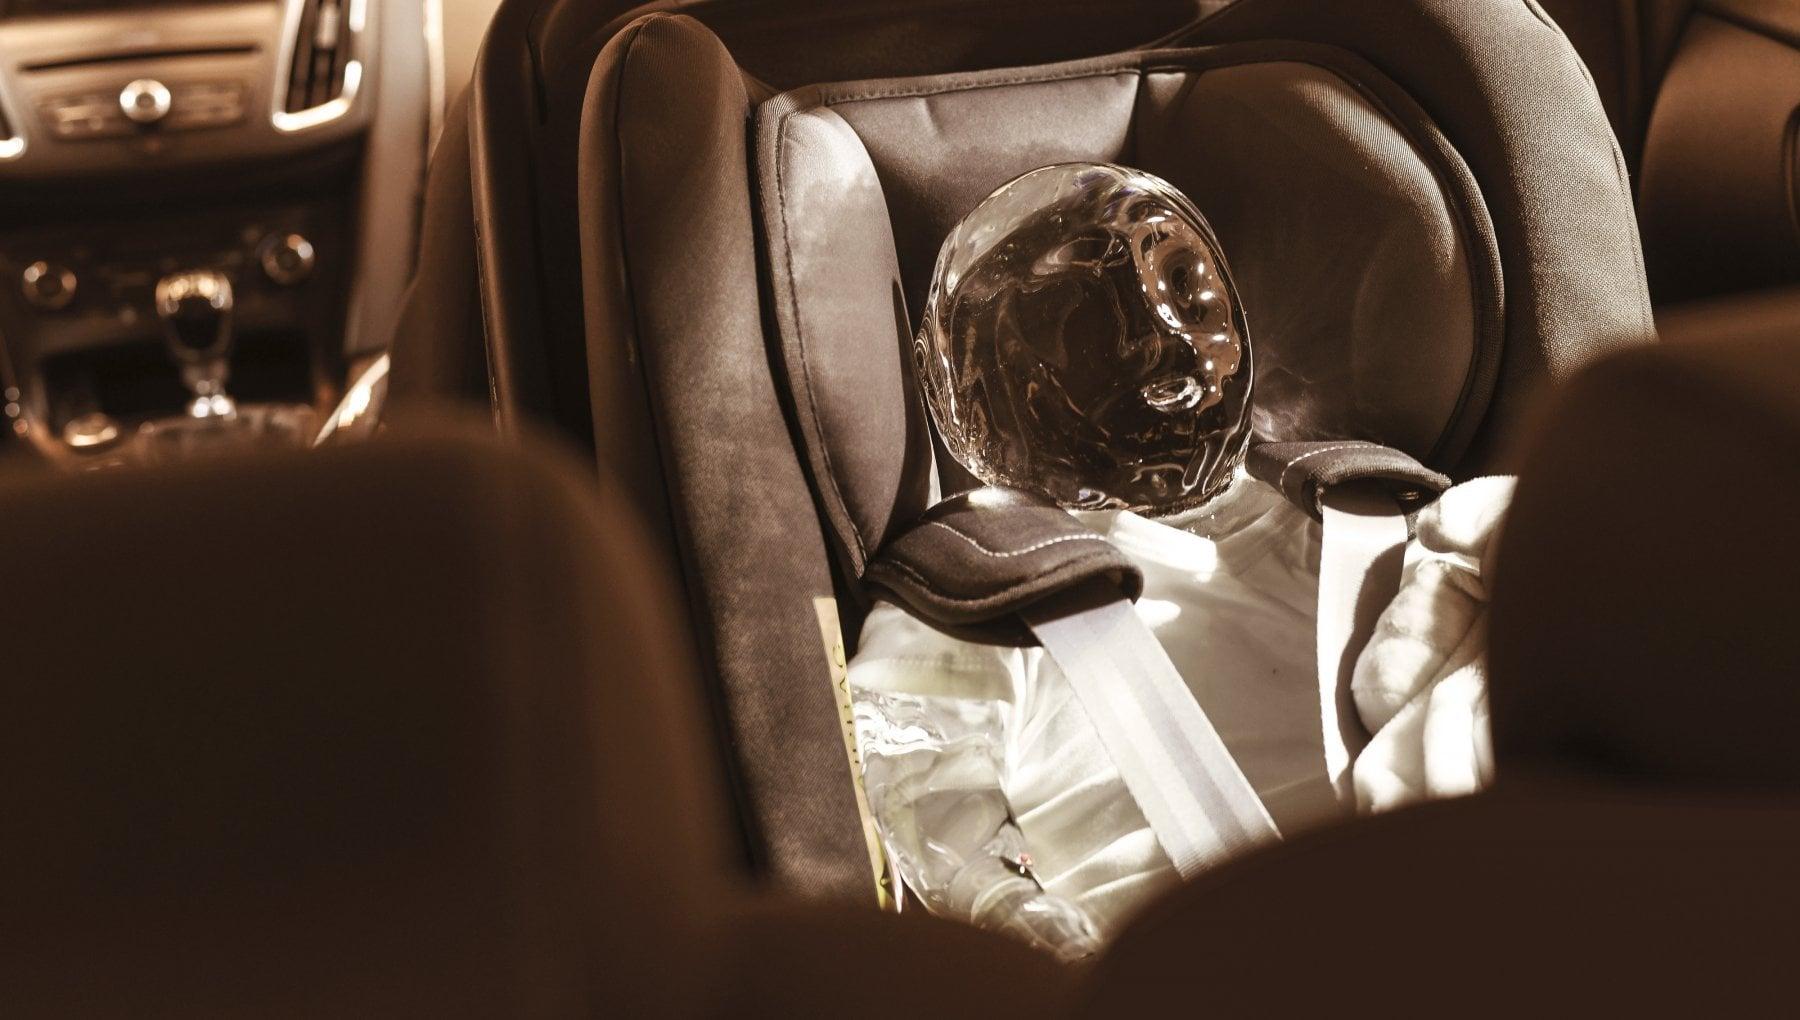 Sistemi anti abbandono bambini in auto: nuova idea della Ford